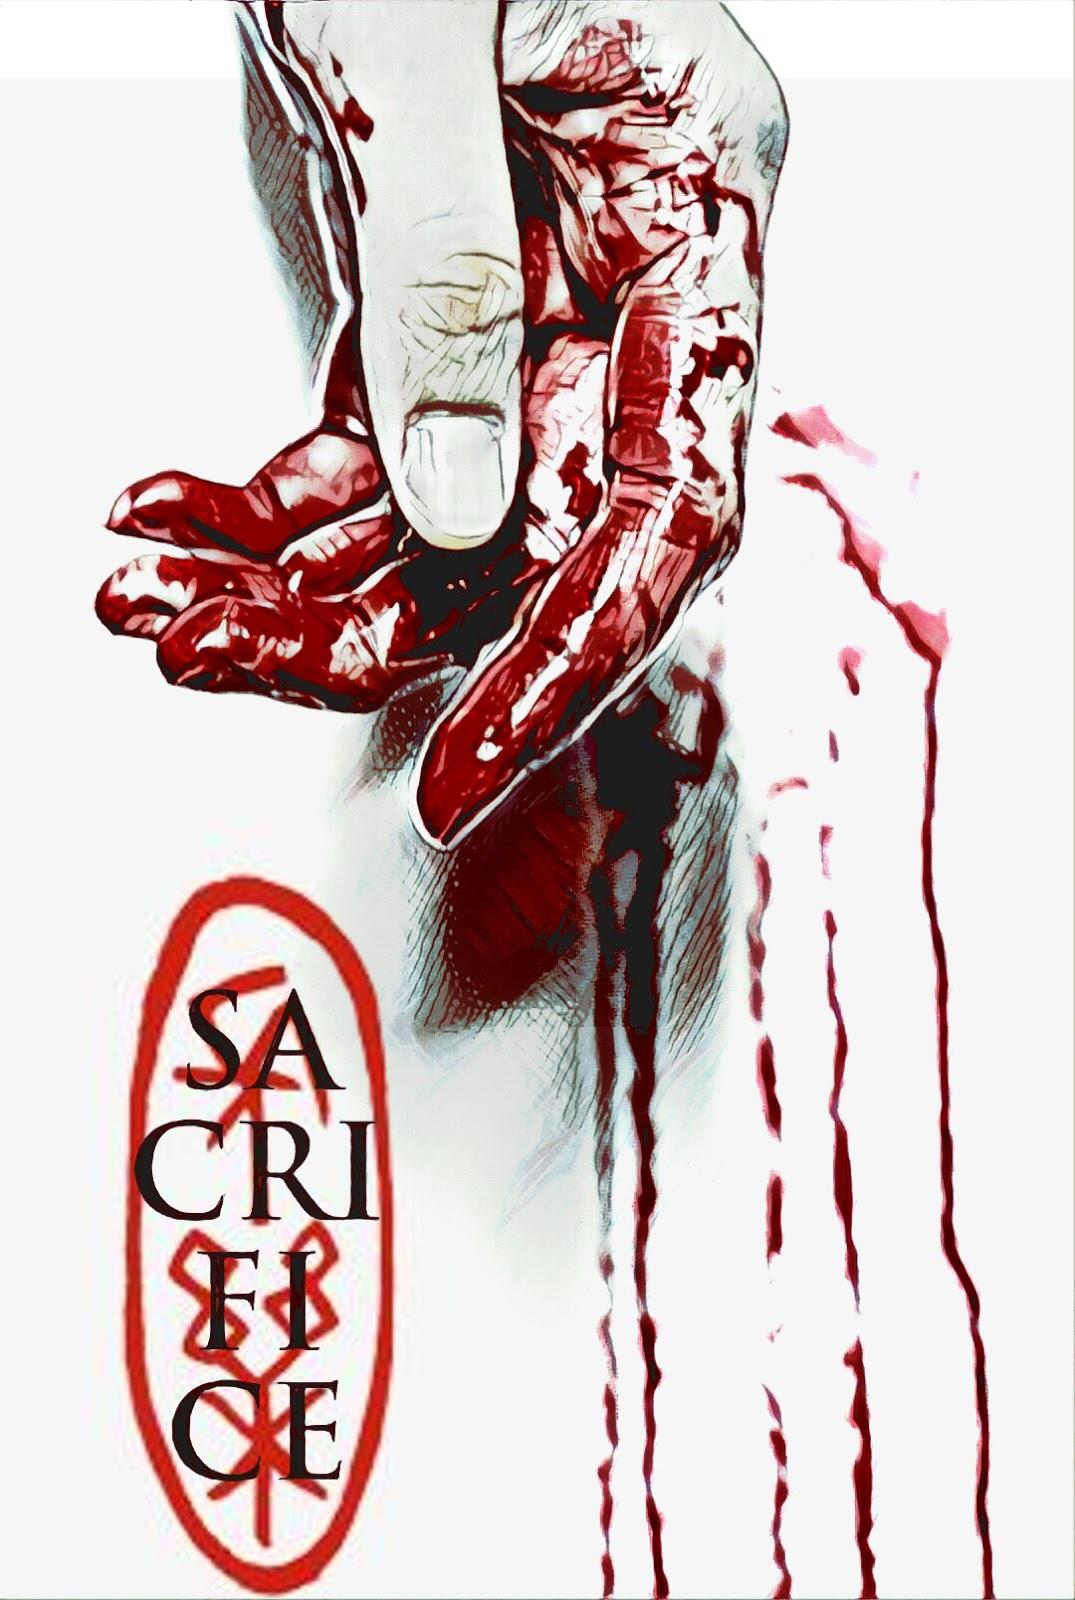 [RECENSIONE] Agli ESTREMI del cinema indie: Sacrifice di Poison Rouge